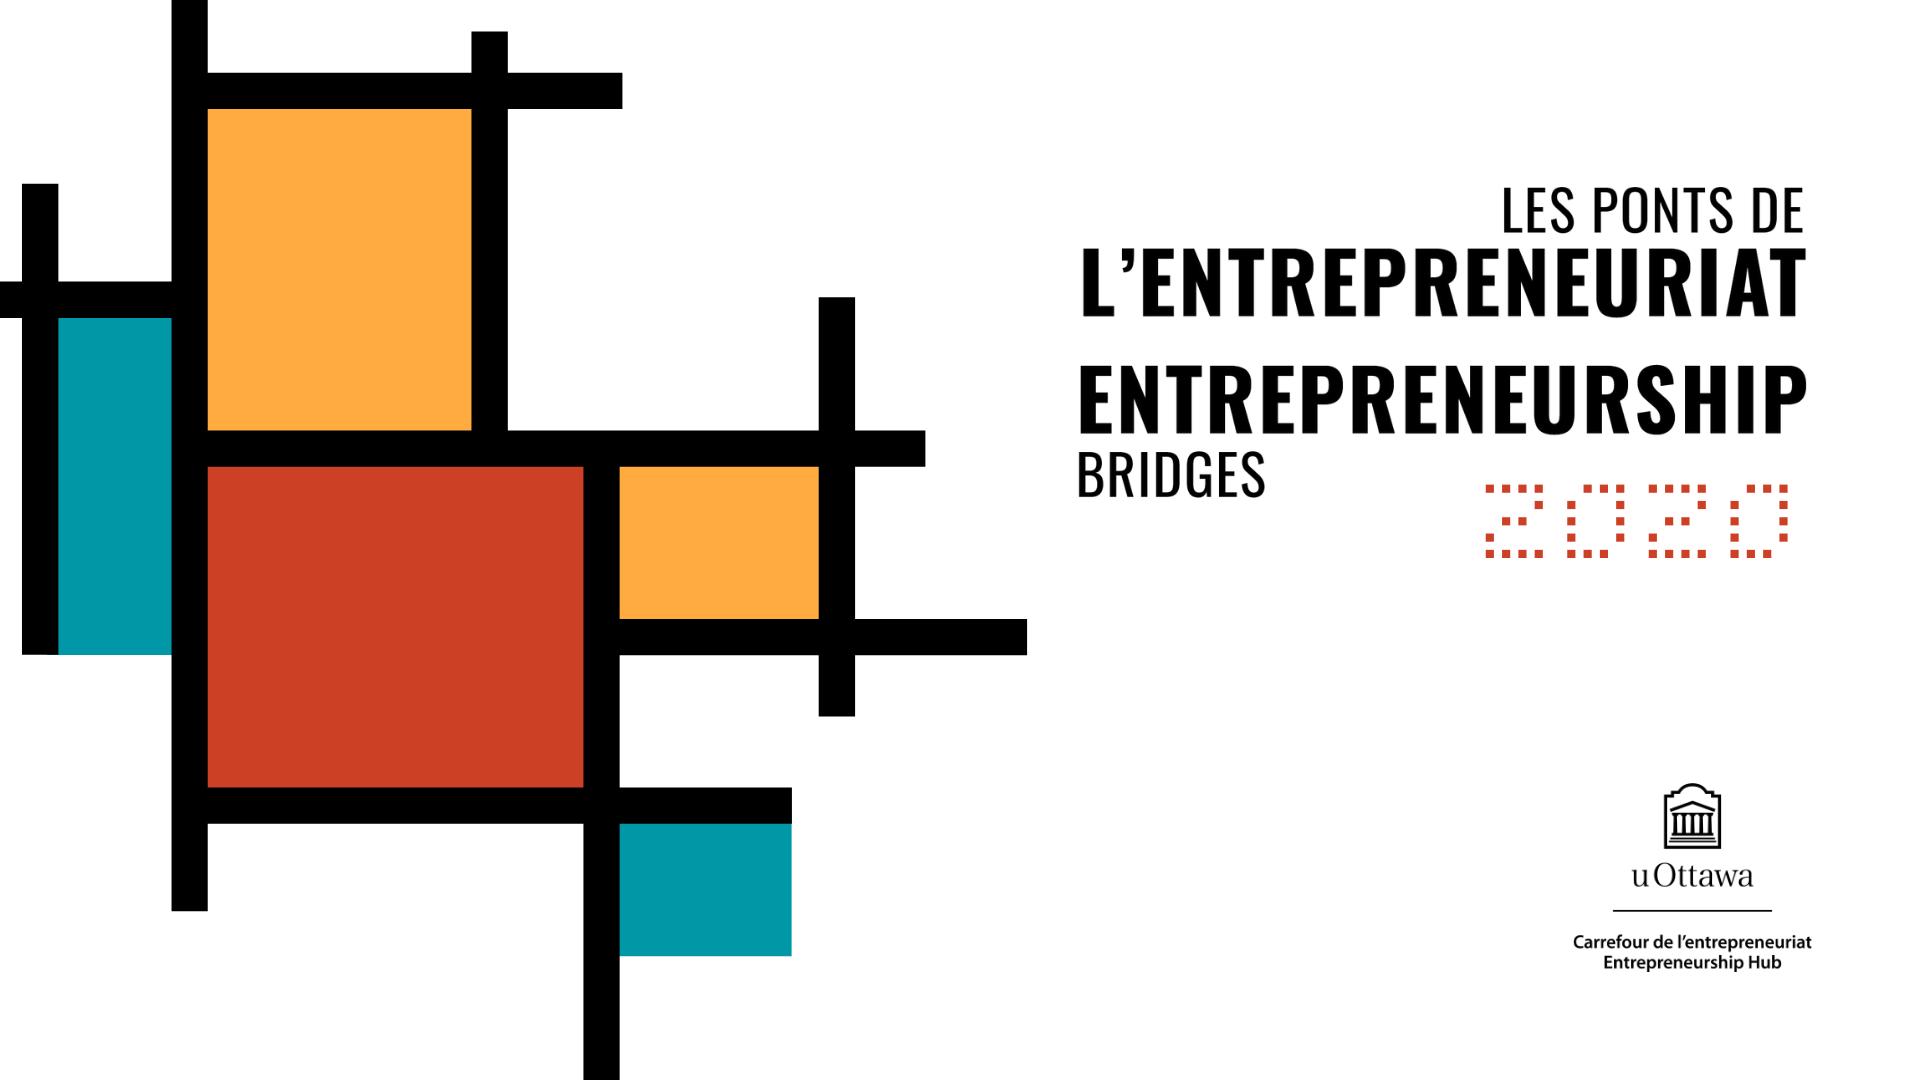 Les Ponts de l'entrepreneuriat | Entrepreneurship Bridges